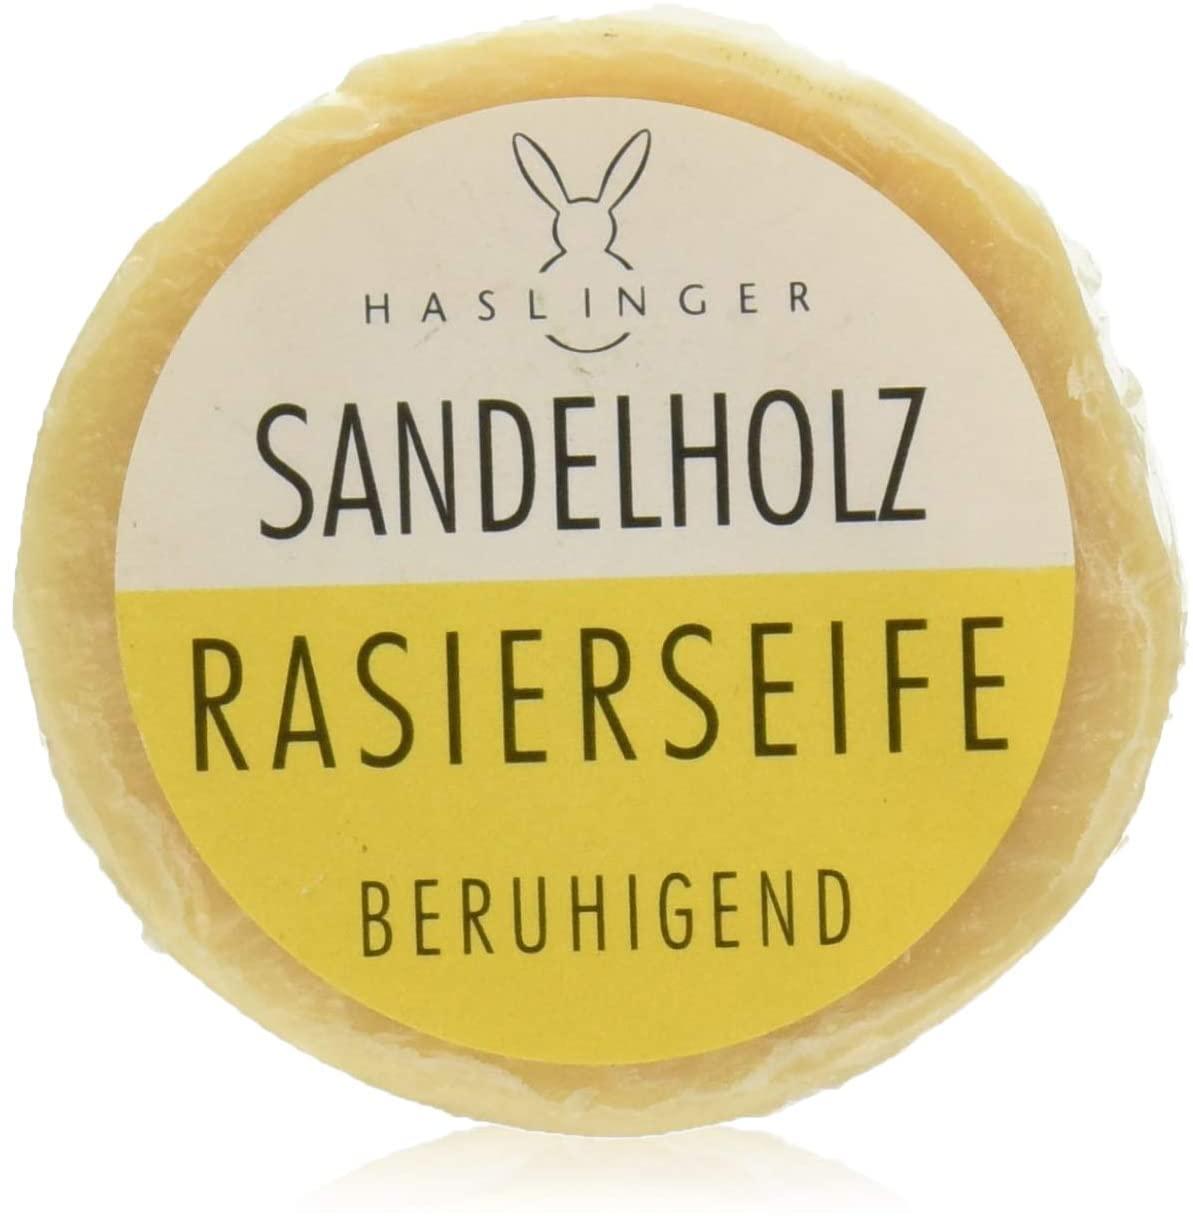 HASLINGER Sandelholz Rasierseife, 60 g Hergestellt in Österreich